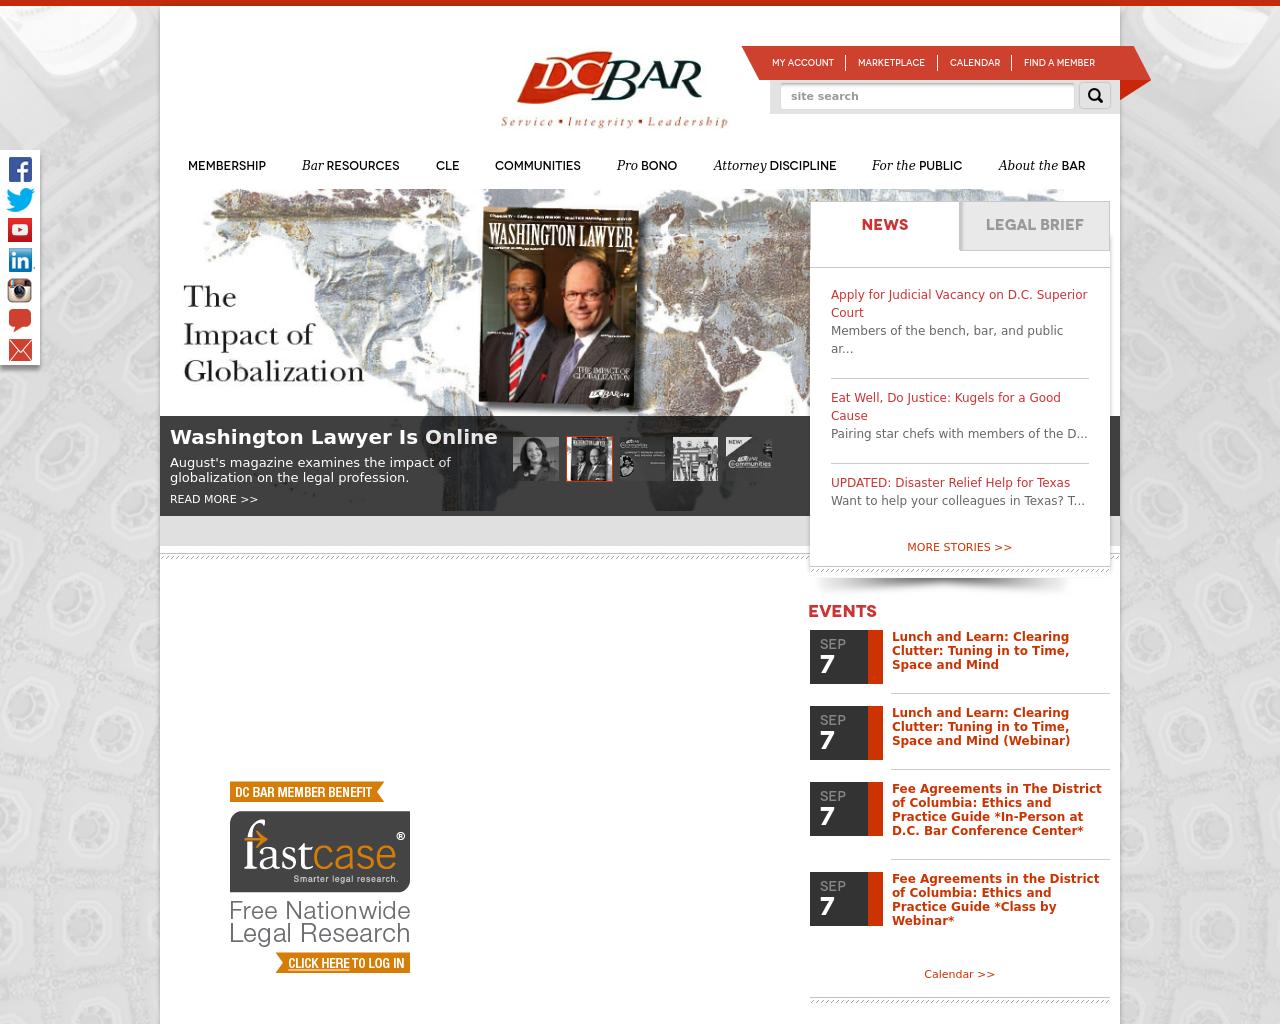 DCBAR-Advertising-Reviews-Pricing